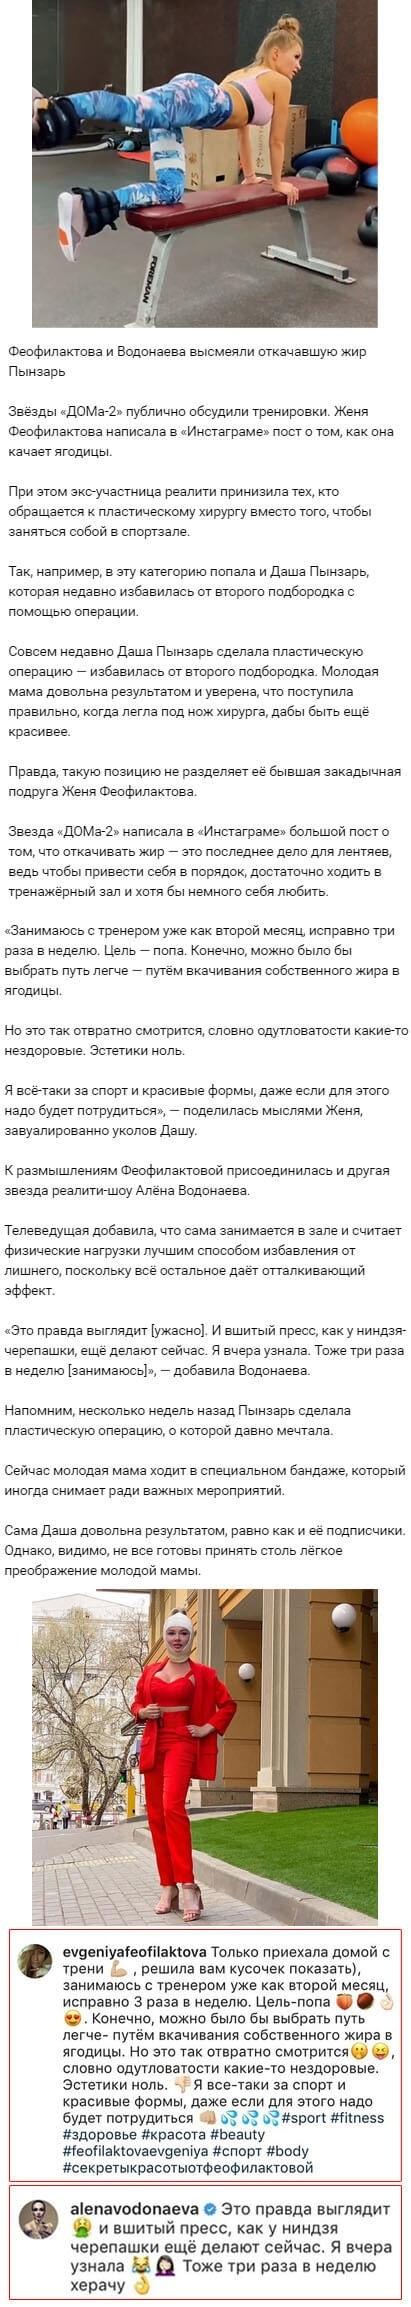 Водонаева и Феофилактова публично издеваются над Дарьей Пынзарь